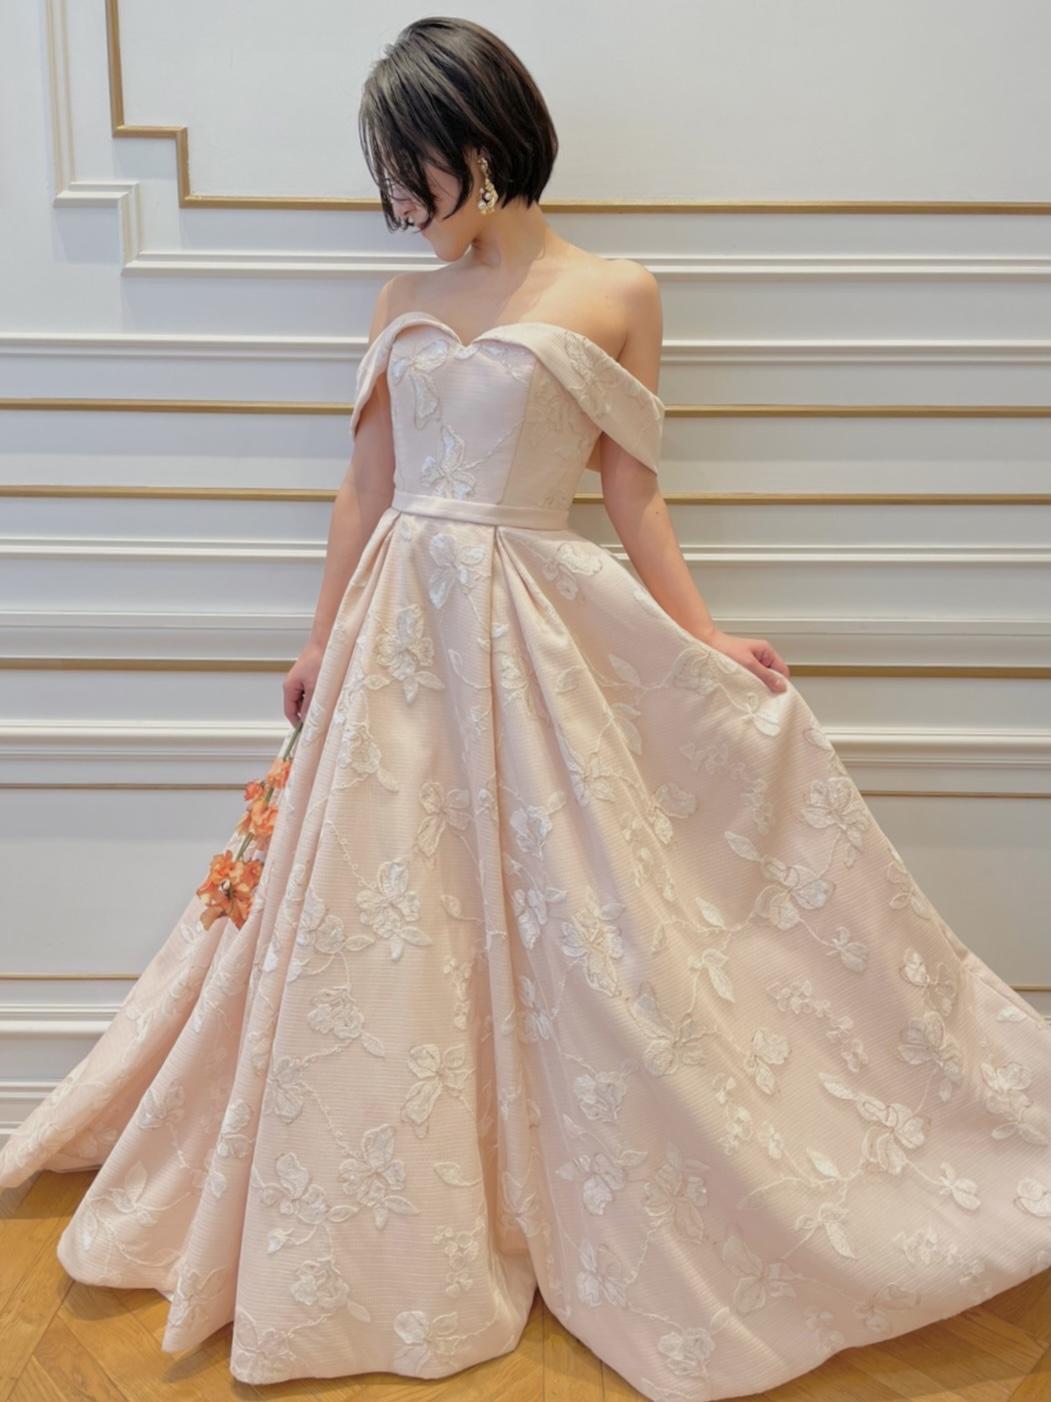 ザトリートドレッシング名古屋店にて人気のリーフフォーブライズのオフショルダーのパステルピンクのカラードレス